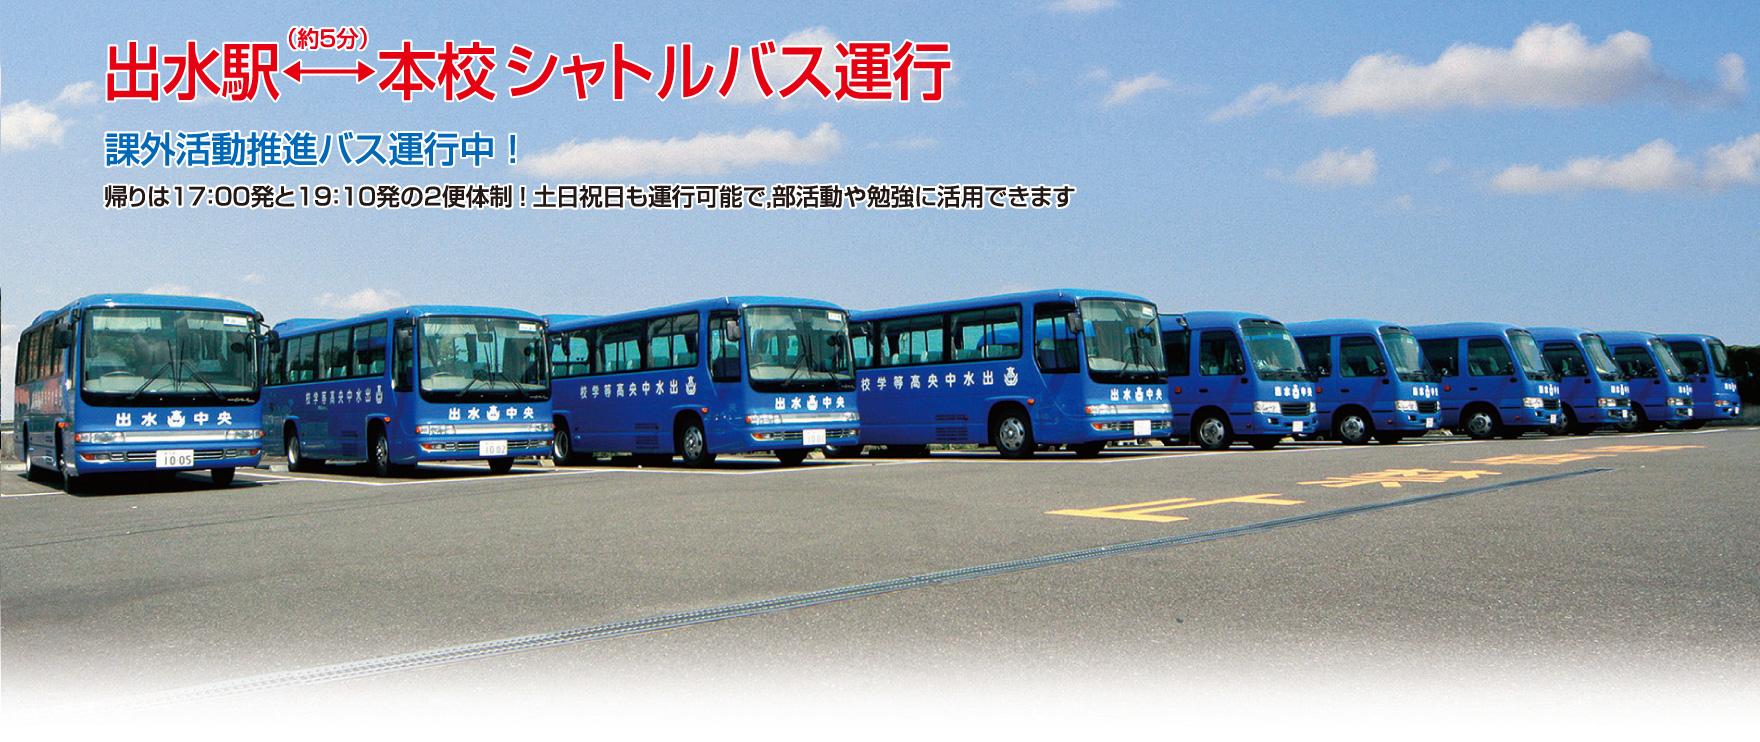 通学 シャトルバス運行